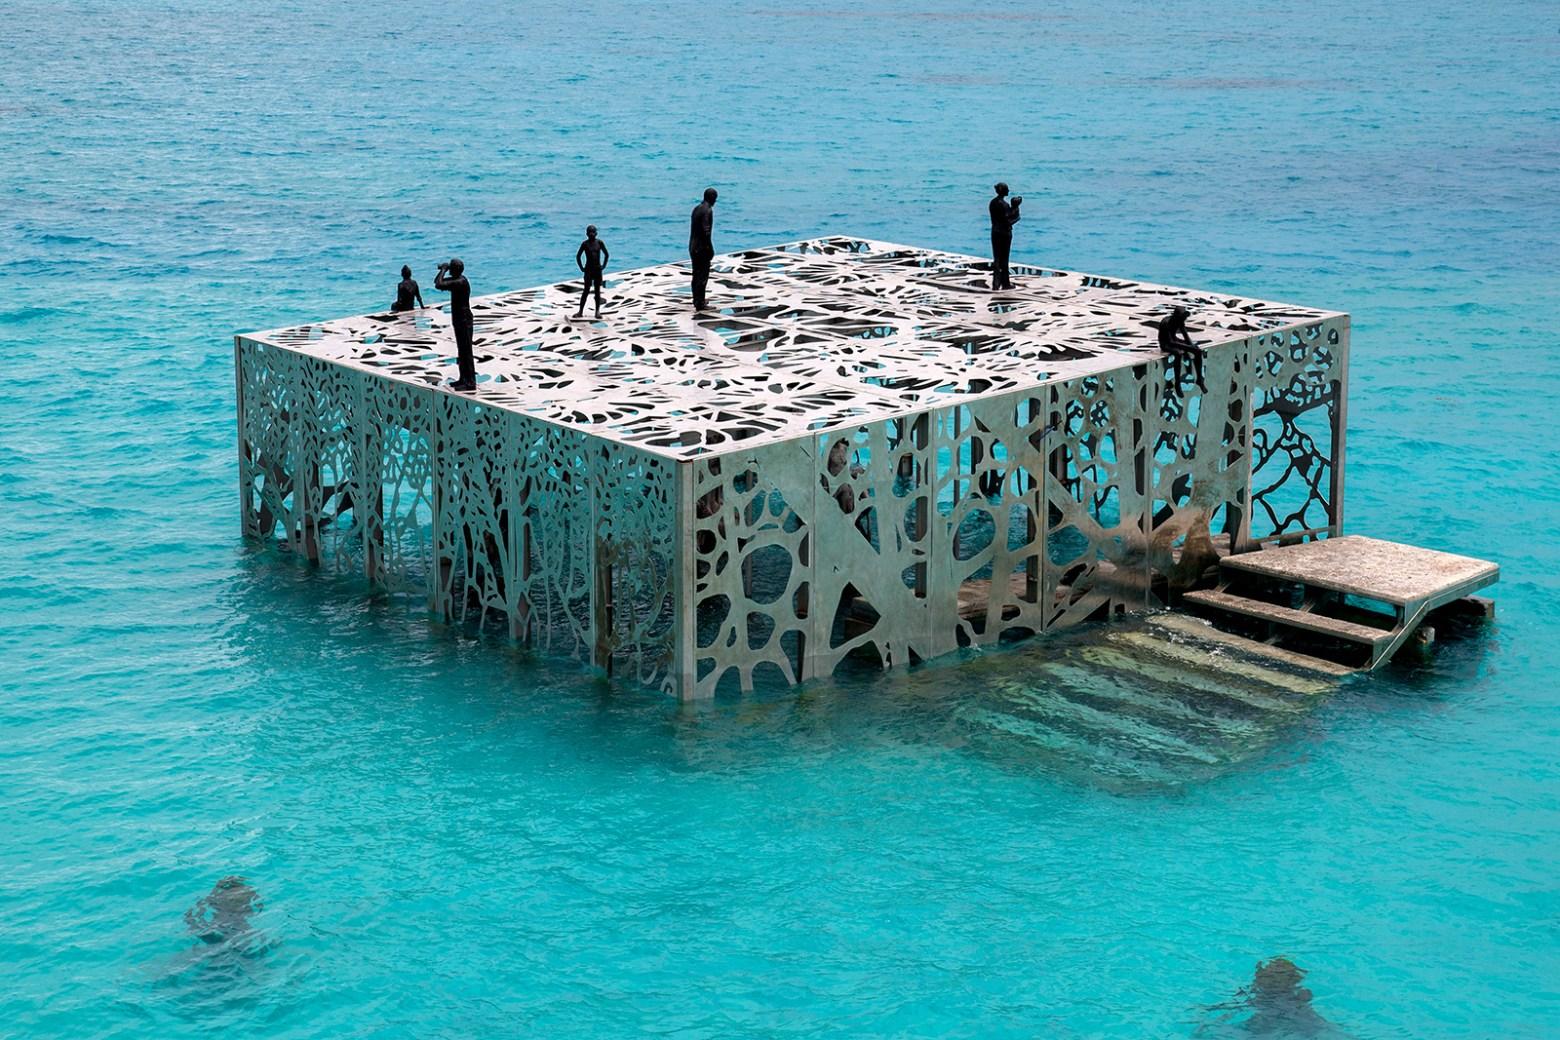 Coralrarium art museum exterior at the Fairmont Maldives